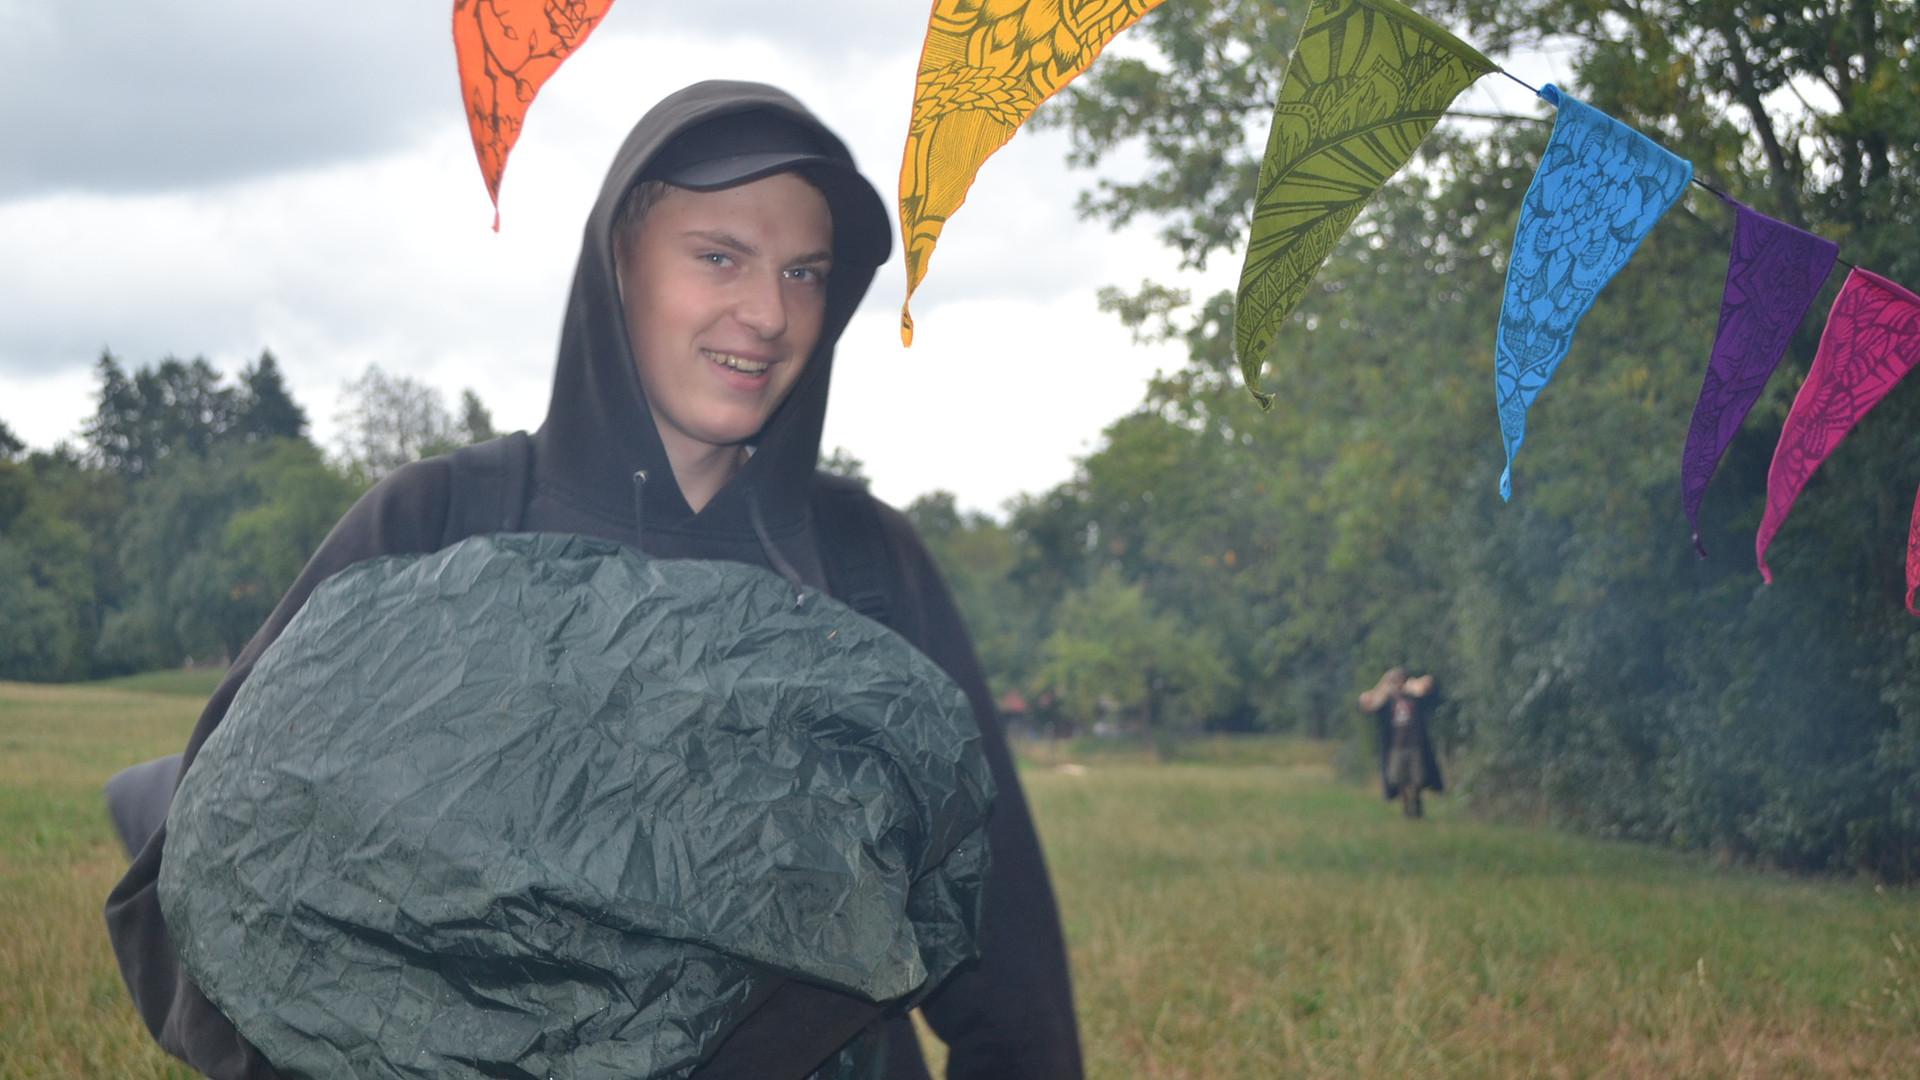 Dschungelcamp Titelbild 4.JPG